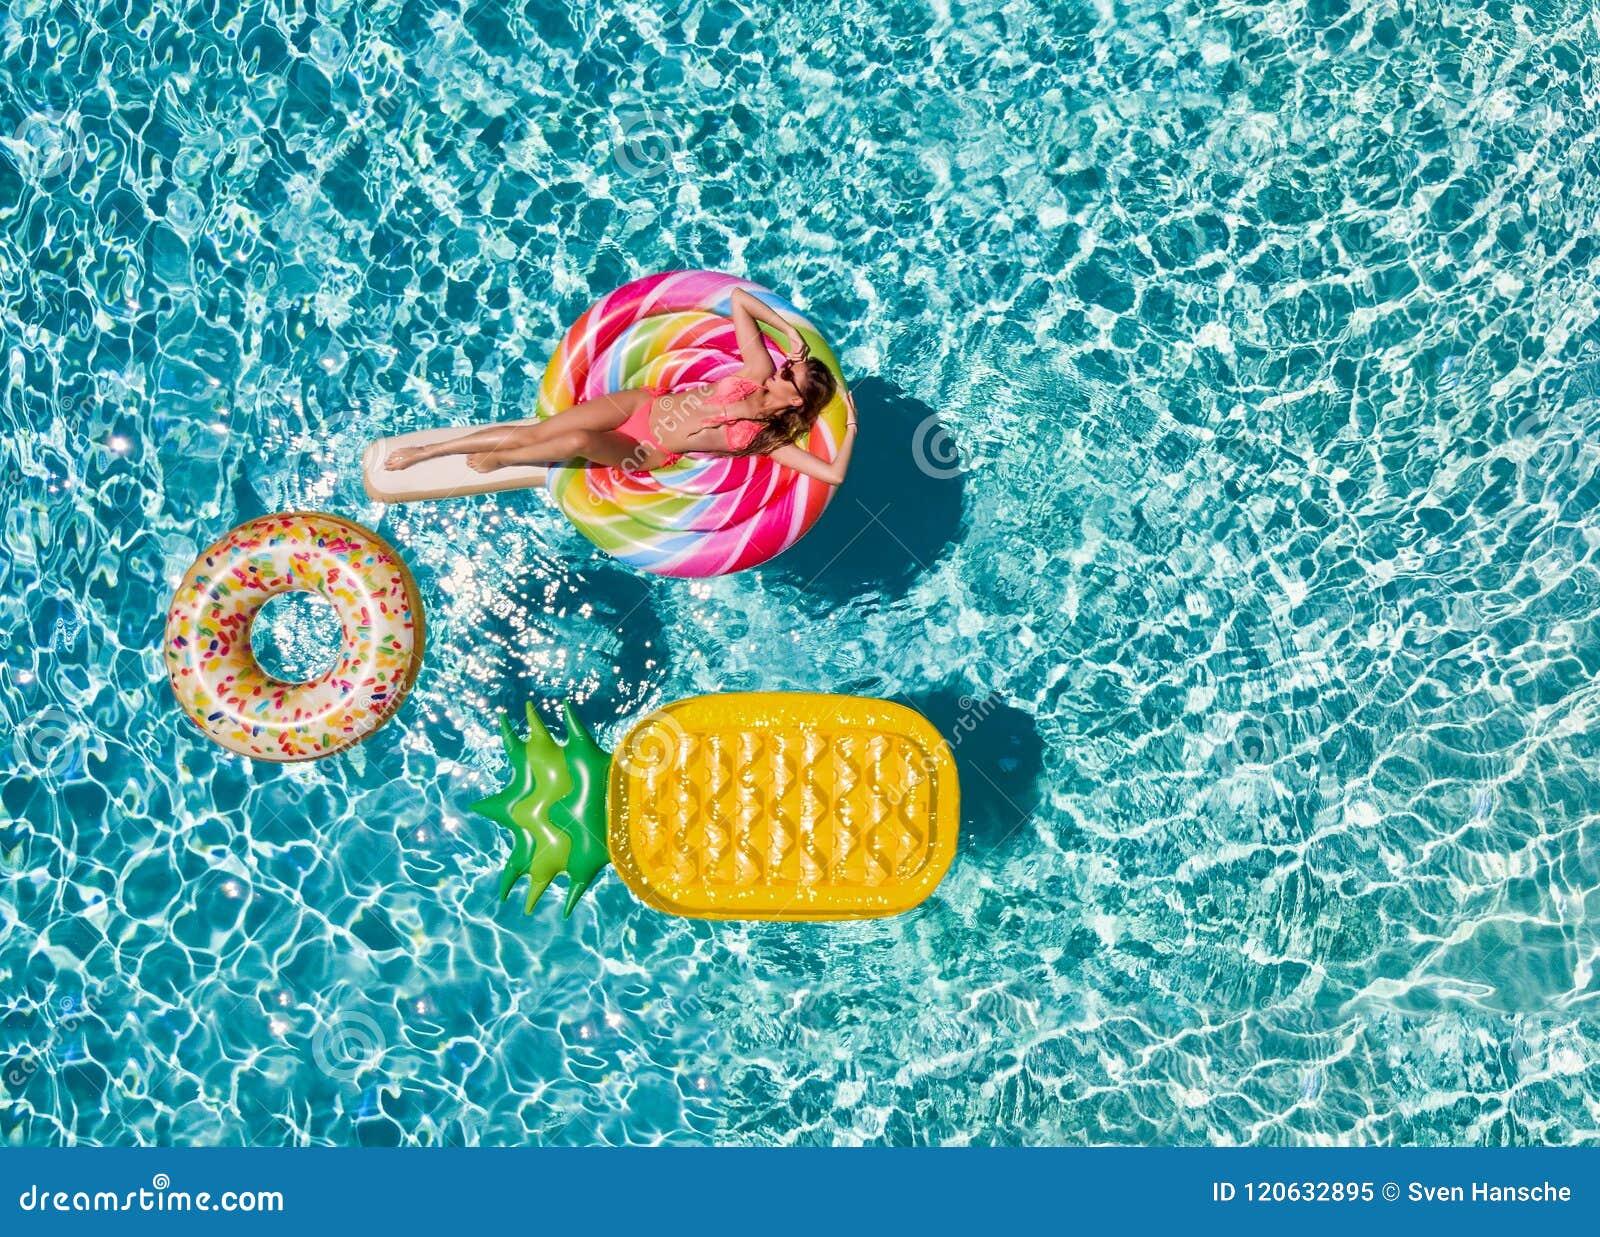 La donna in bikini si rilassa su un galleggiante della piscina a forma di schiocco di lolli